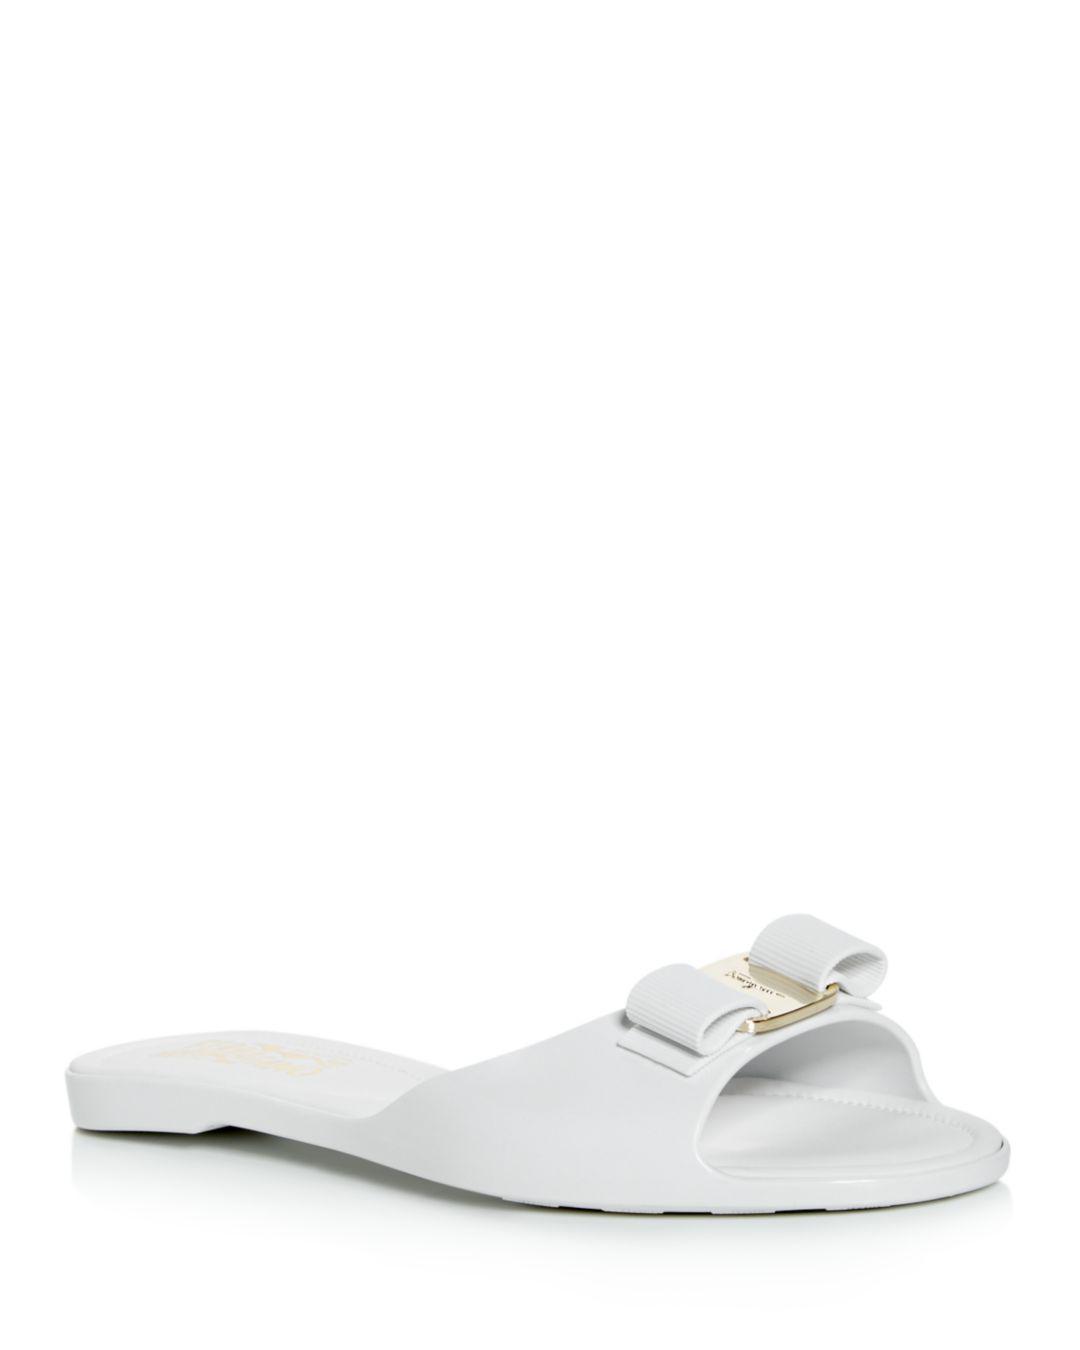 7dde43ed5652 Lyst - Ferragamo Women s Cirella Slide Sandals in White